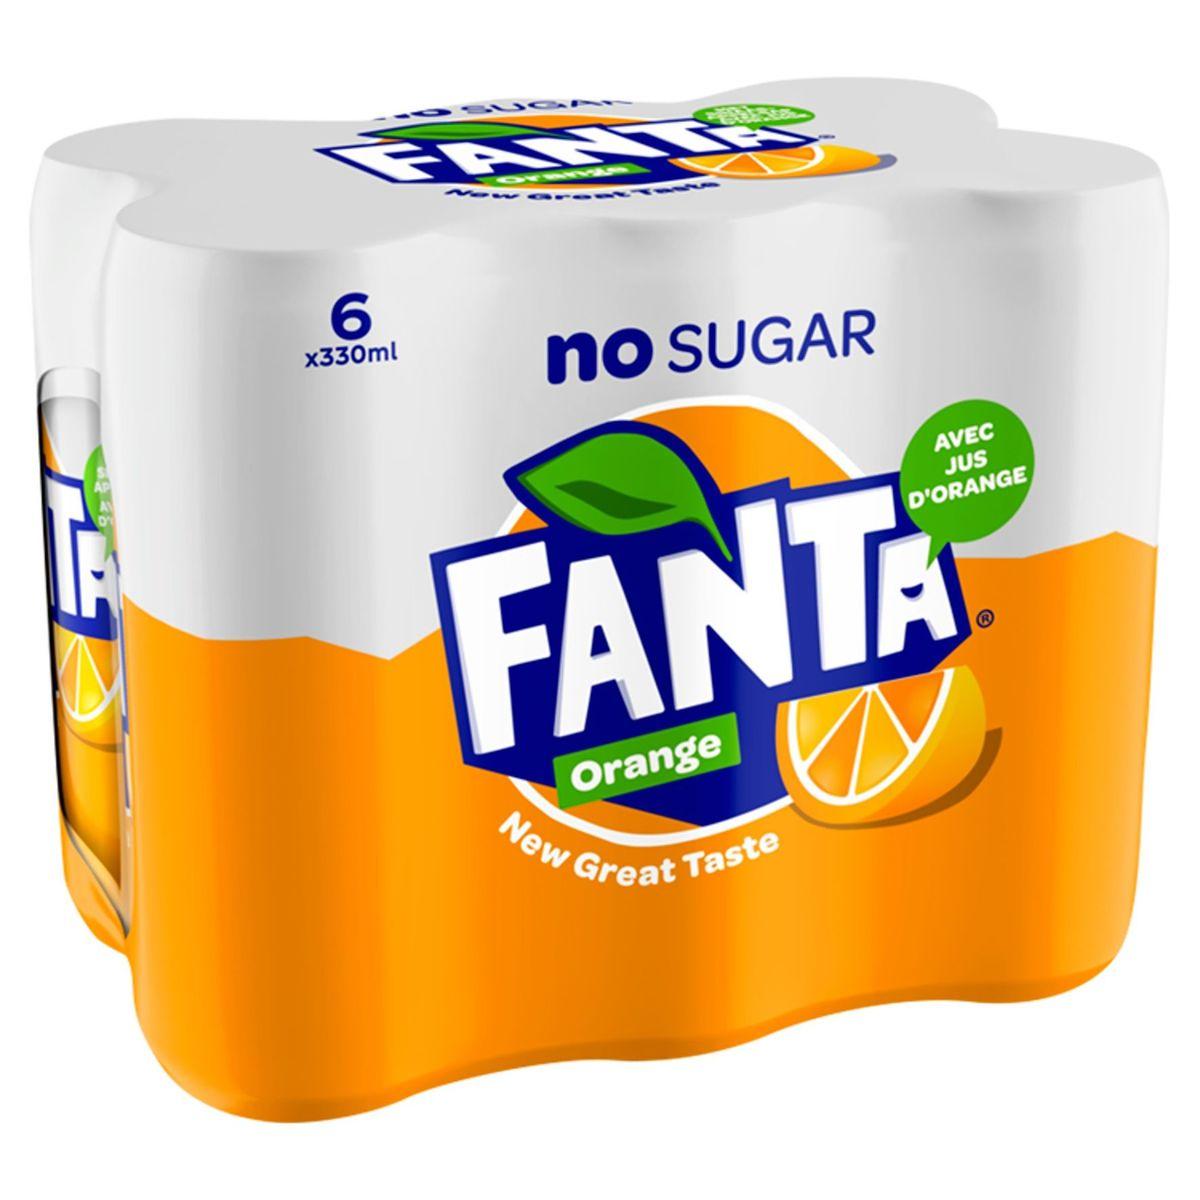 Fanta Zero Orange sleekcan 330ml x 6